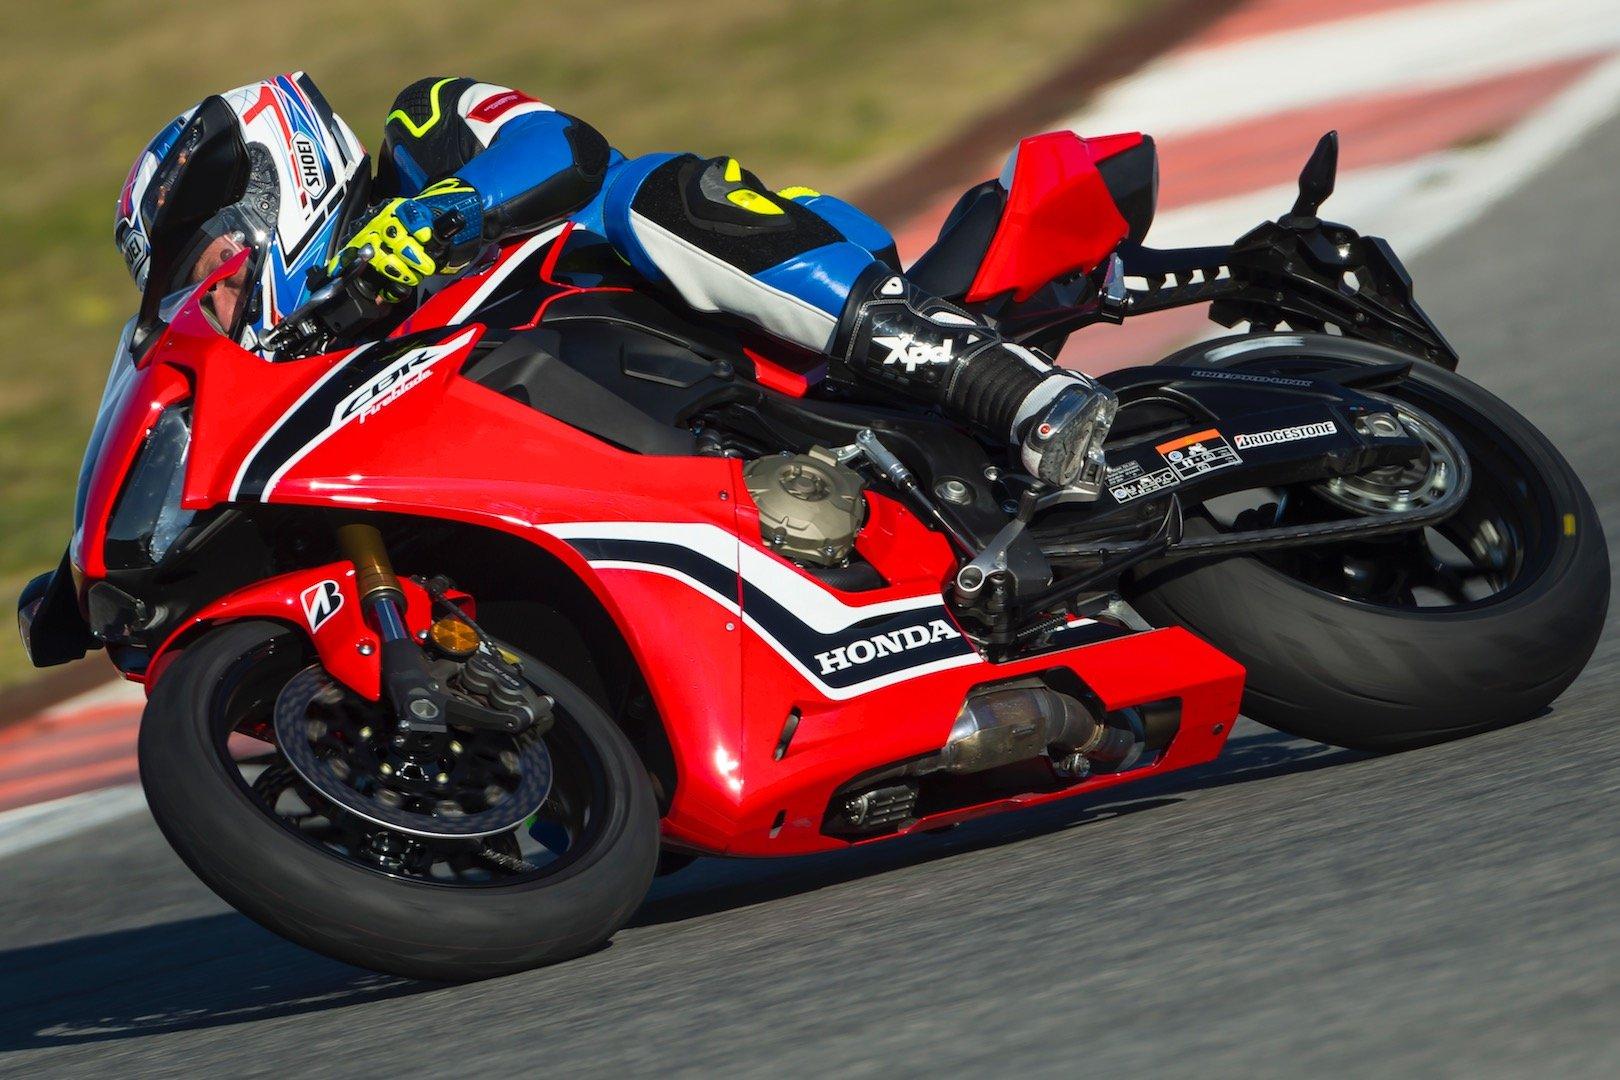 2017 Honda CBR1000RR Fast Facts